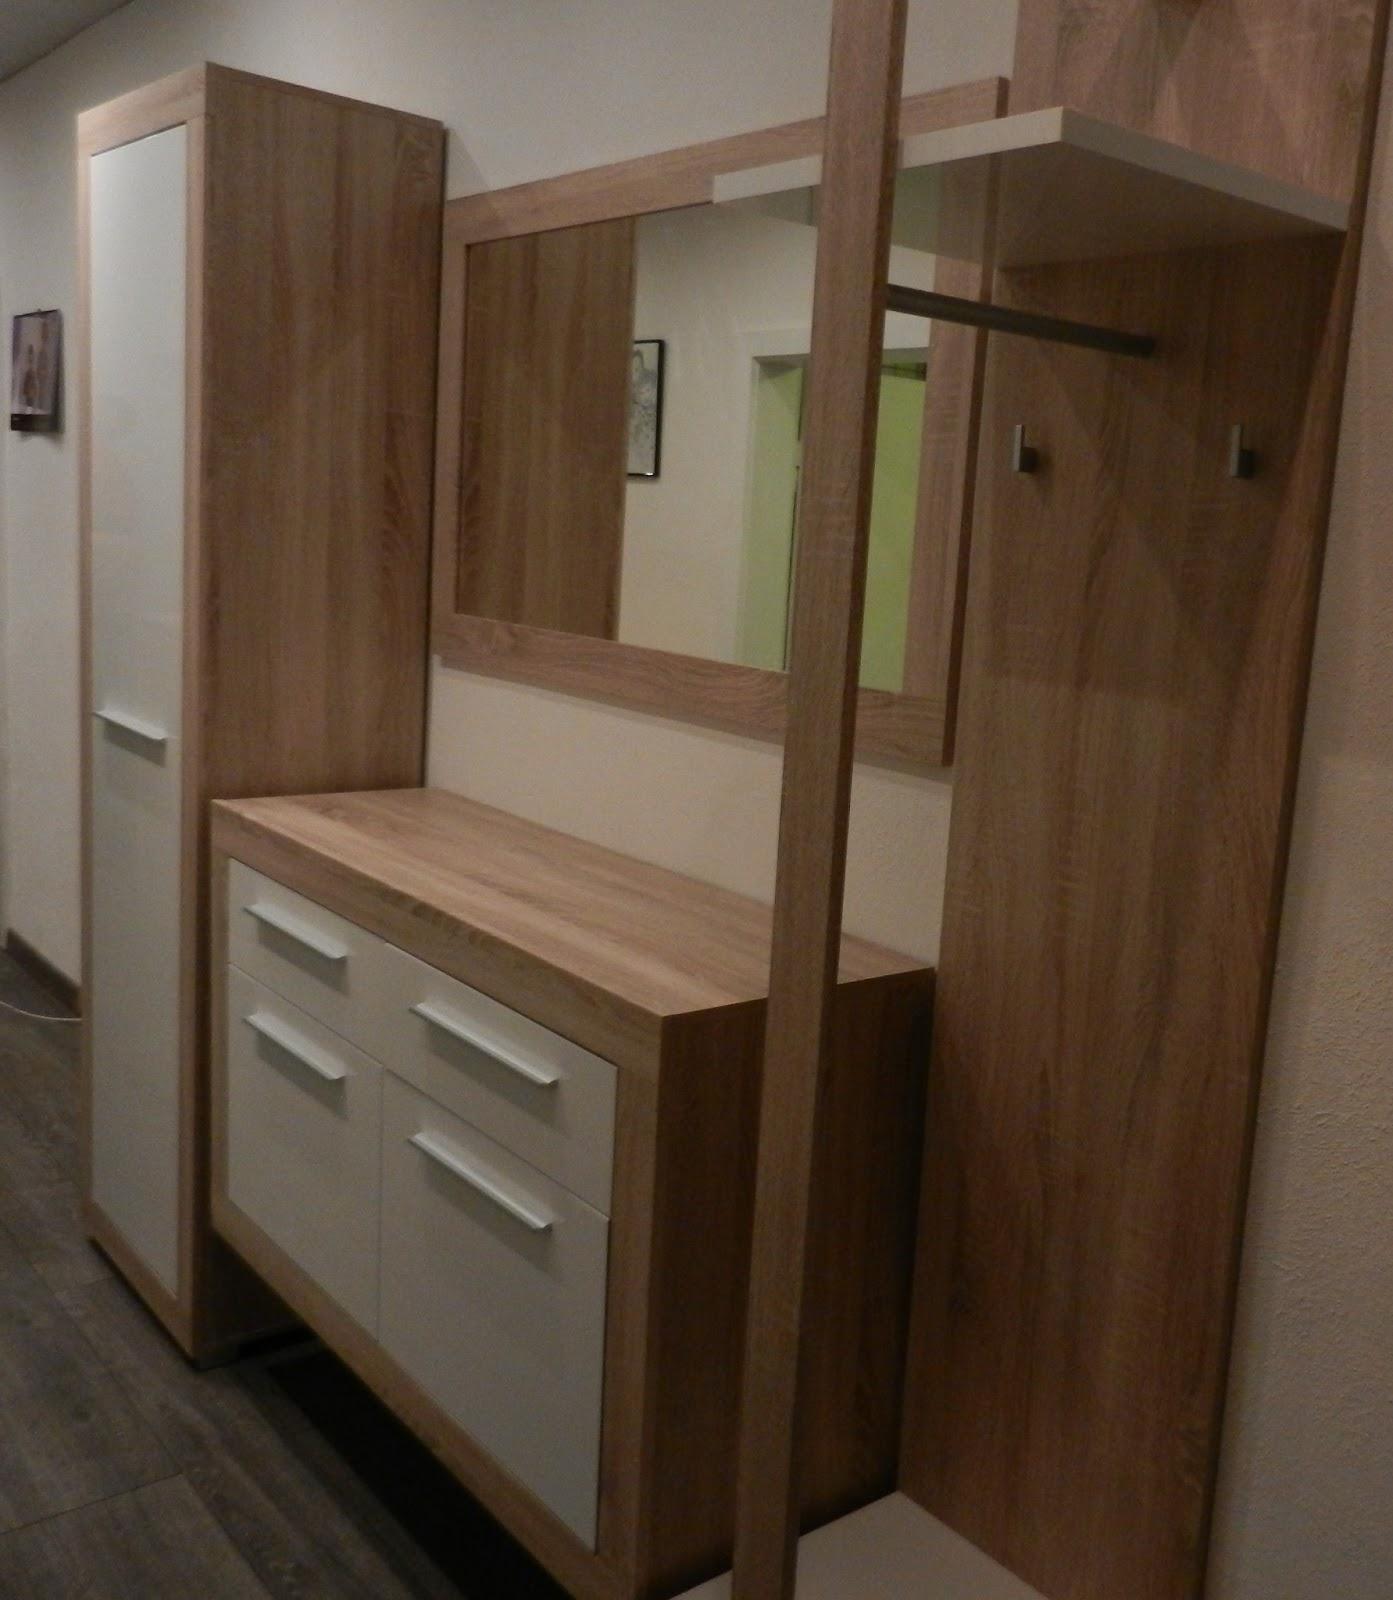 hauserische testfamilie exklusive wohnaccessoires die den alltag versch nern. Black Bedroom Furniture Sets. Home Design Ideas